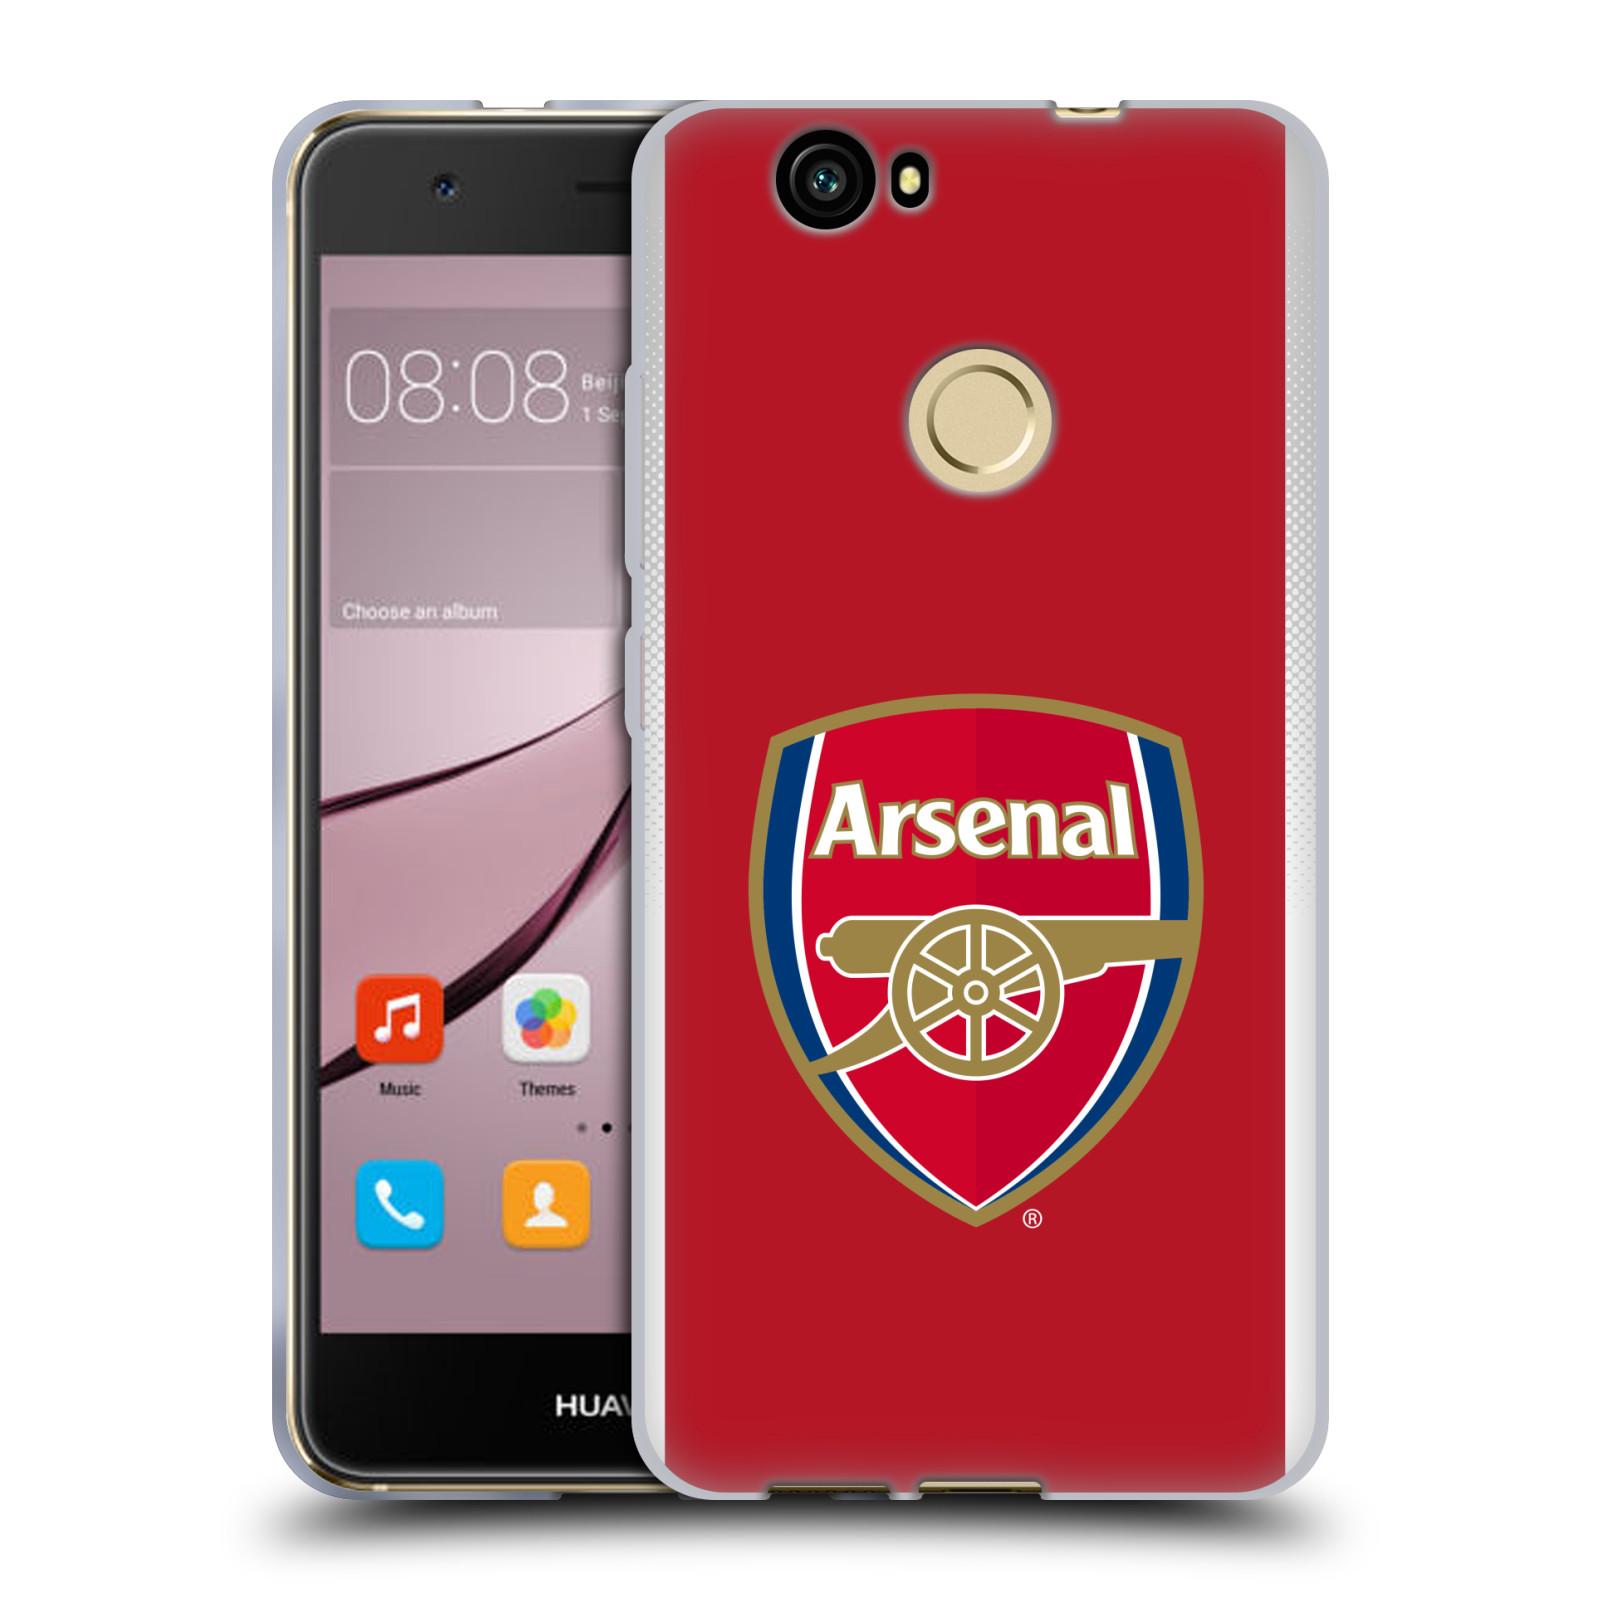 Silikonové pouzdro na mobil Huawei Nova - Head Case - Arsenal FC - Logo klubu